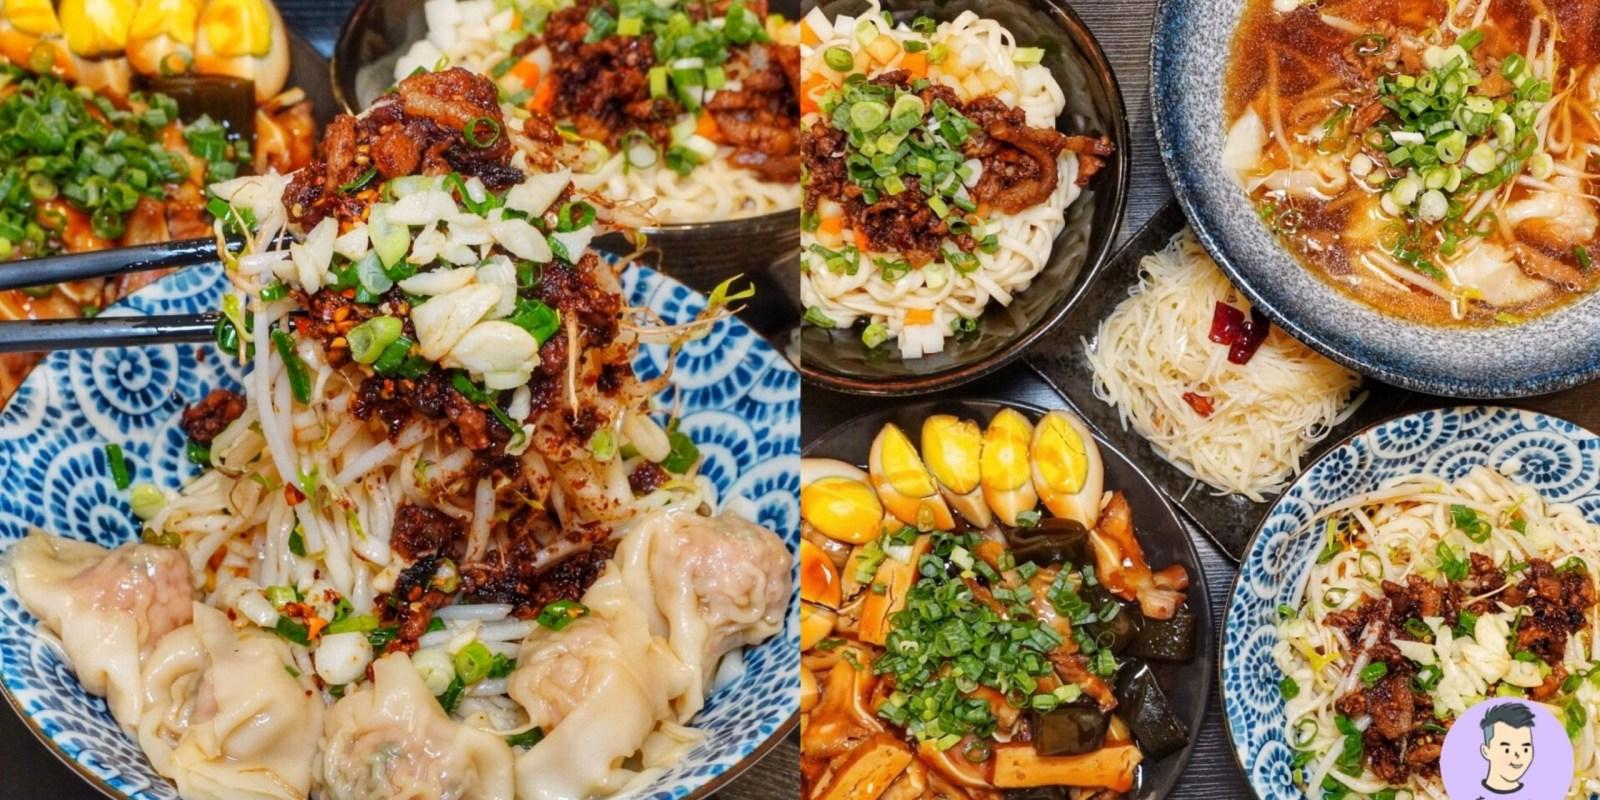 【高雄美食】西安風味美食館 旗山也有道地陝西風味麵店!大推油潑麵+酸辣土豆絲